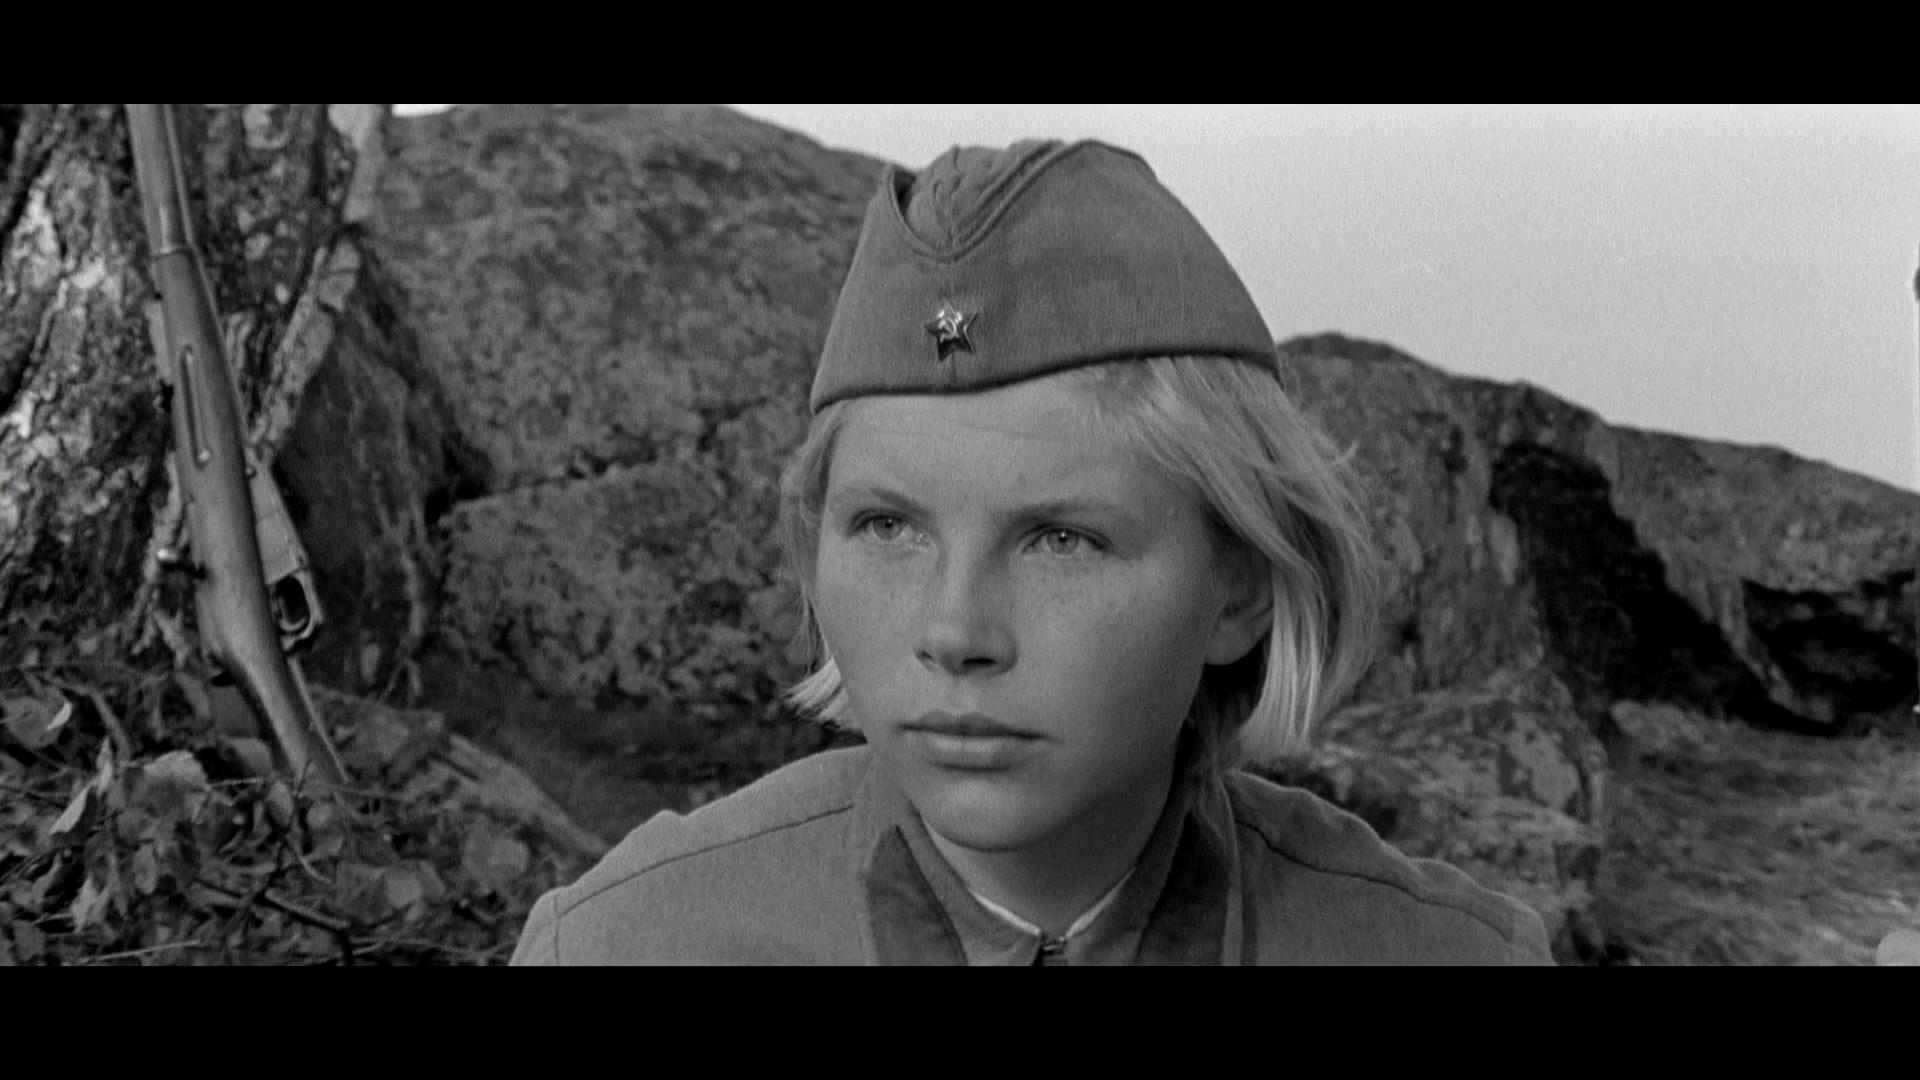 Изображение для А зори здесь тихие / Серии 1-2 из 2 (1972) WEB-DL 1080p (кликните для просмотра полного изображения)